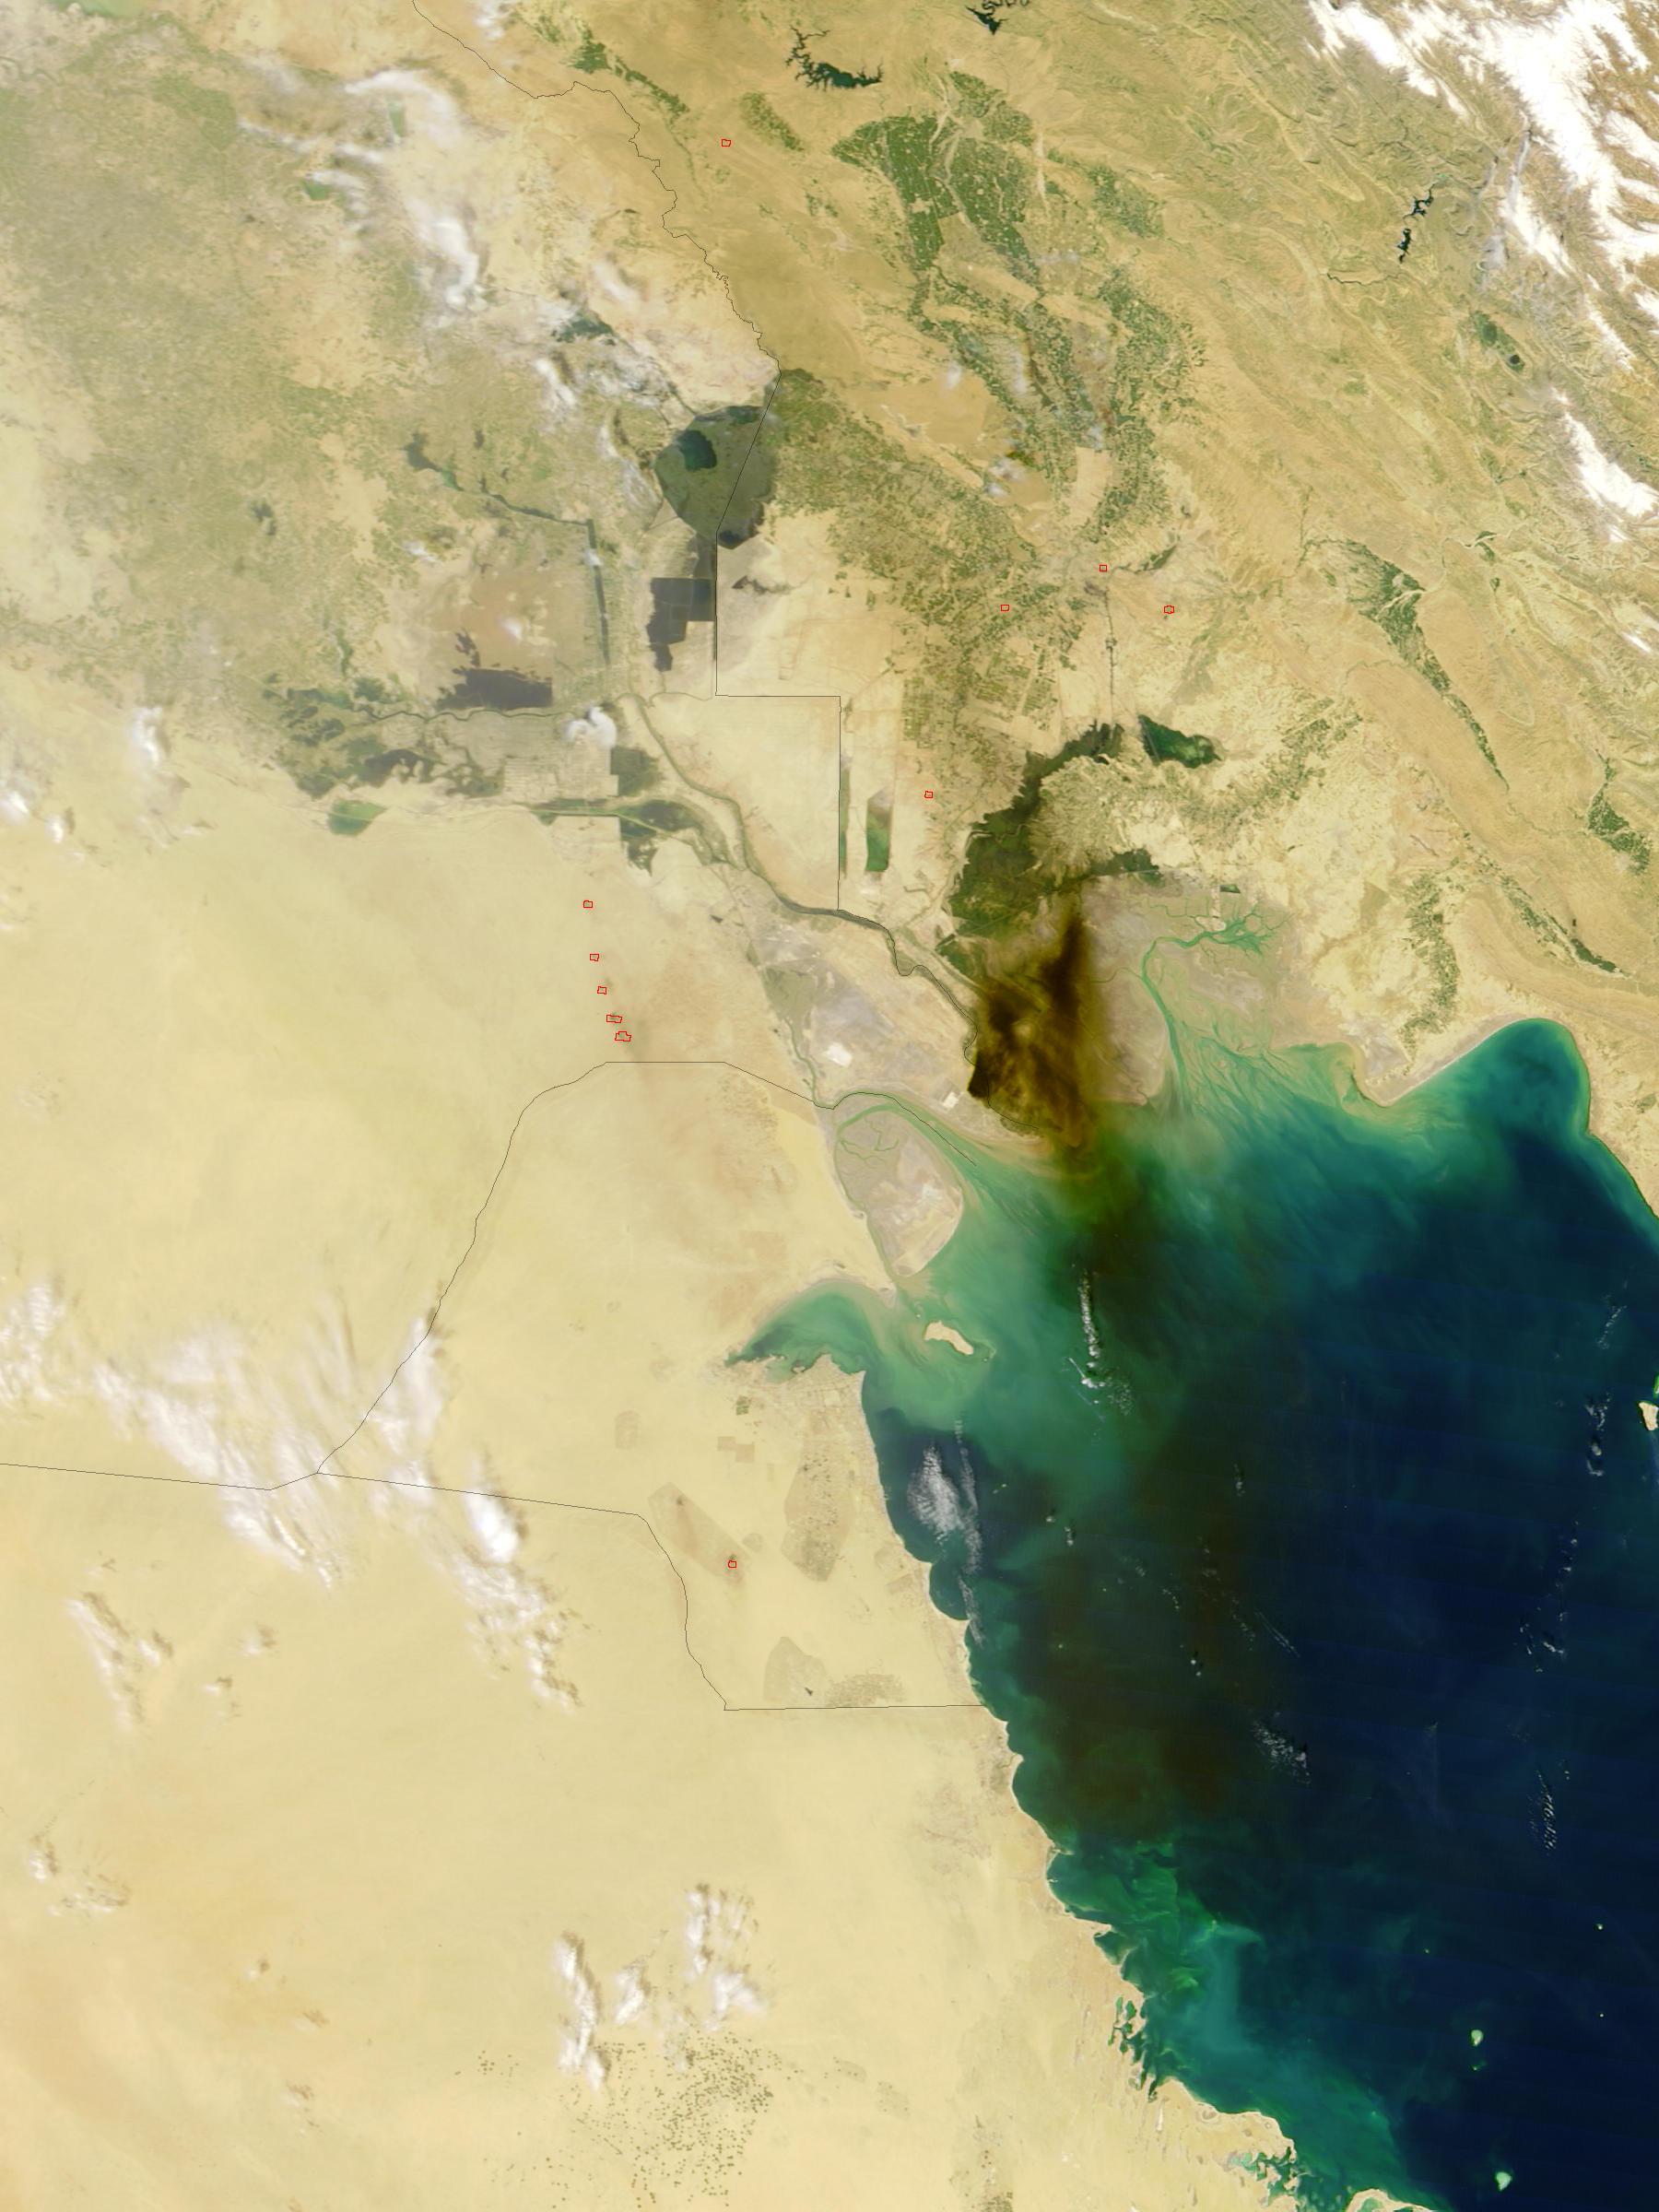 Humo de oleoducto incendio en Iraq meridional (seguimiento satelital de la mañana)